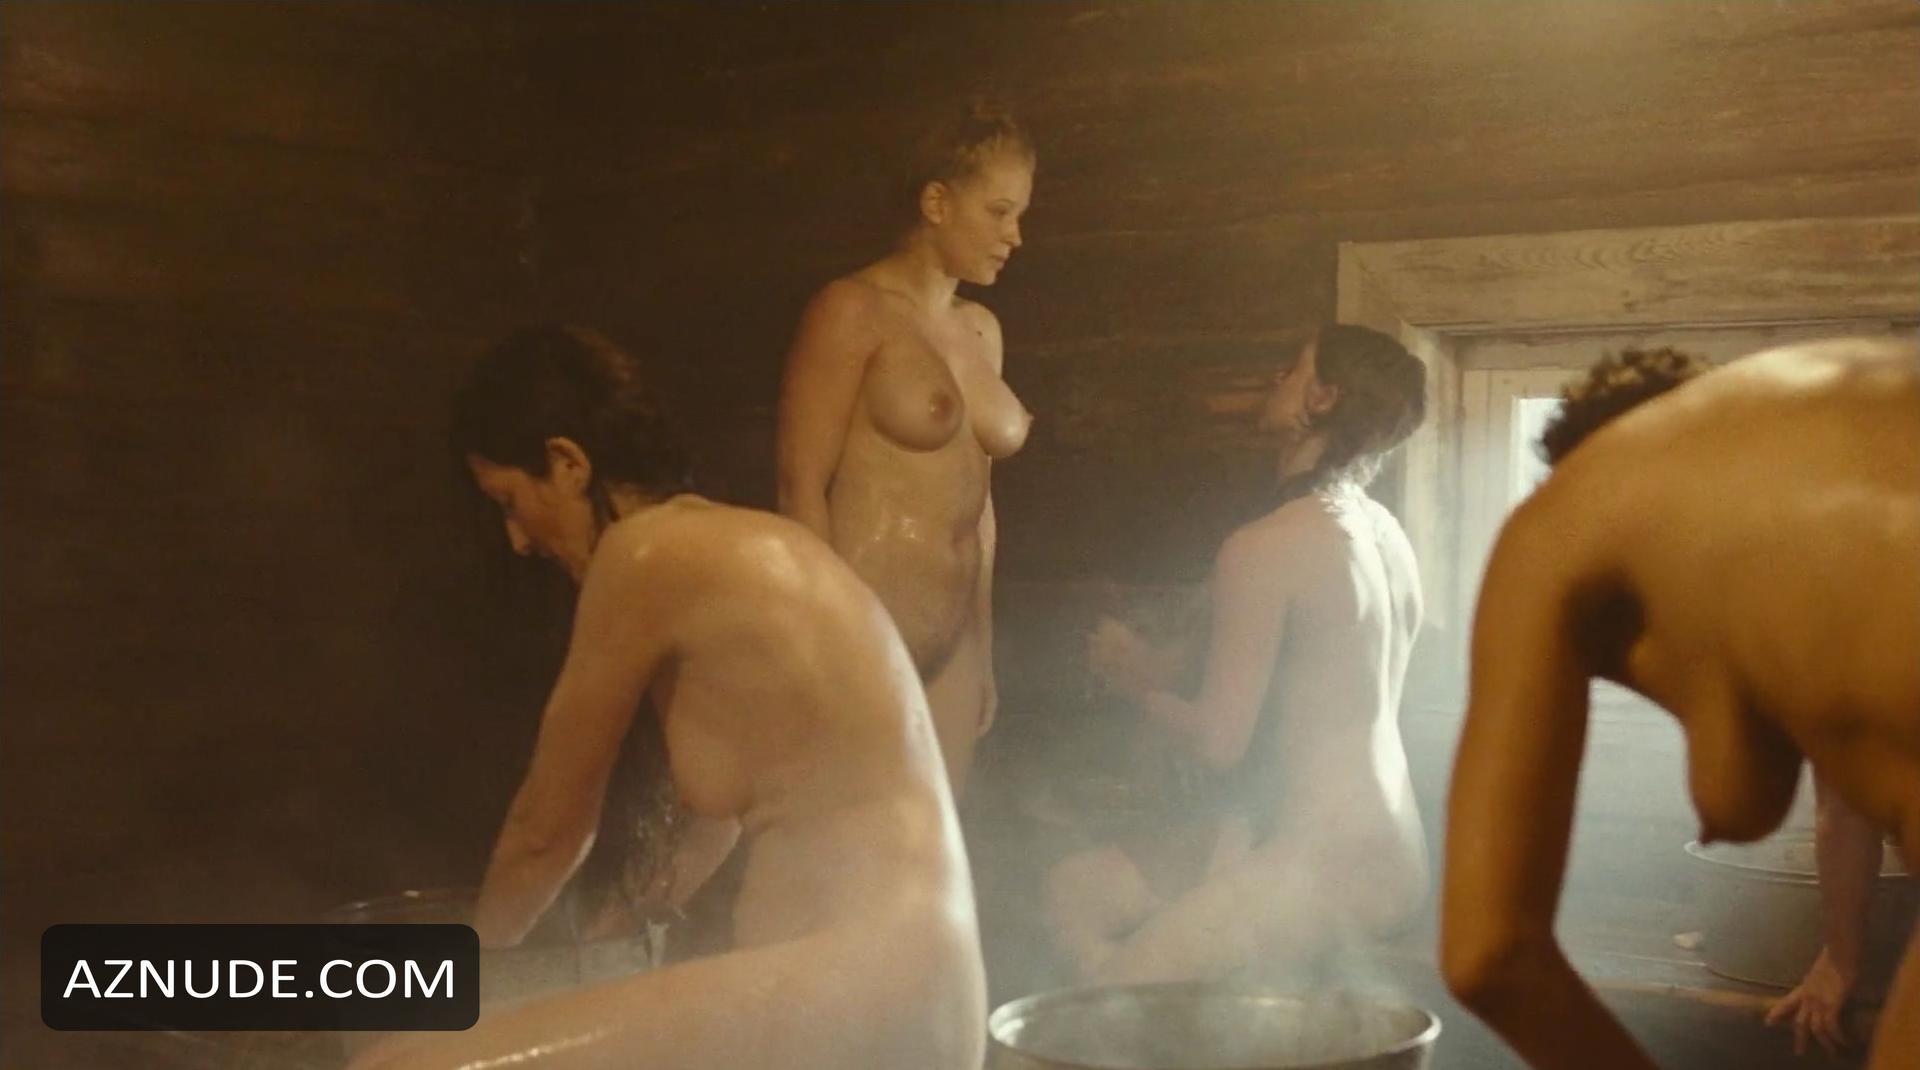 Почти кем порно актрисы в бане это